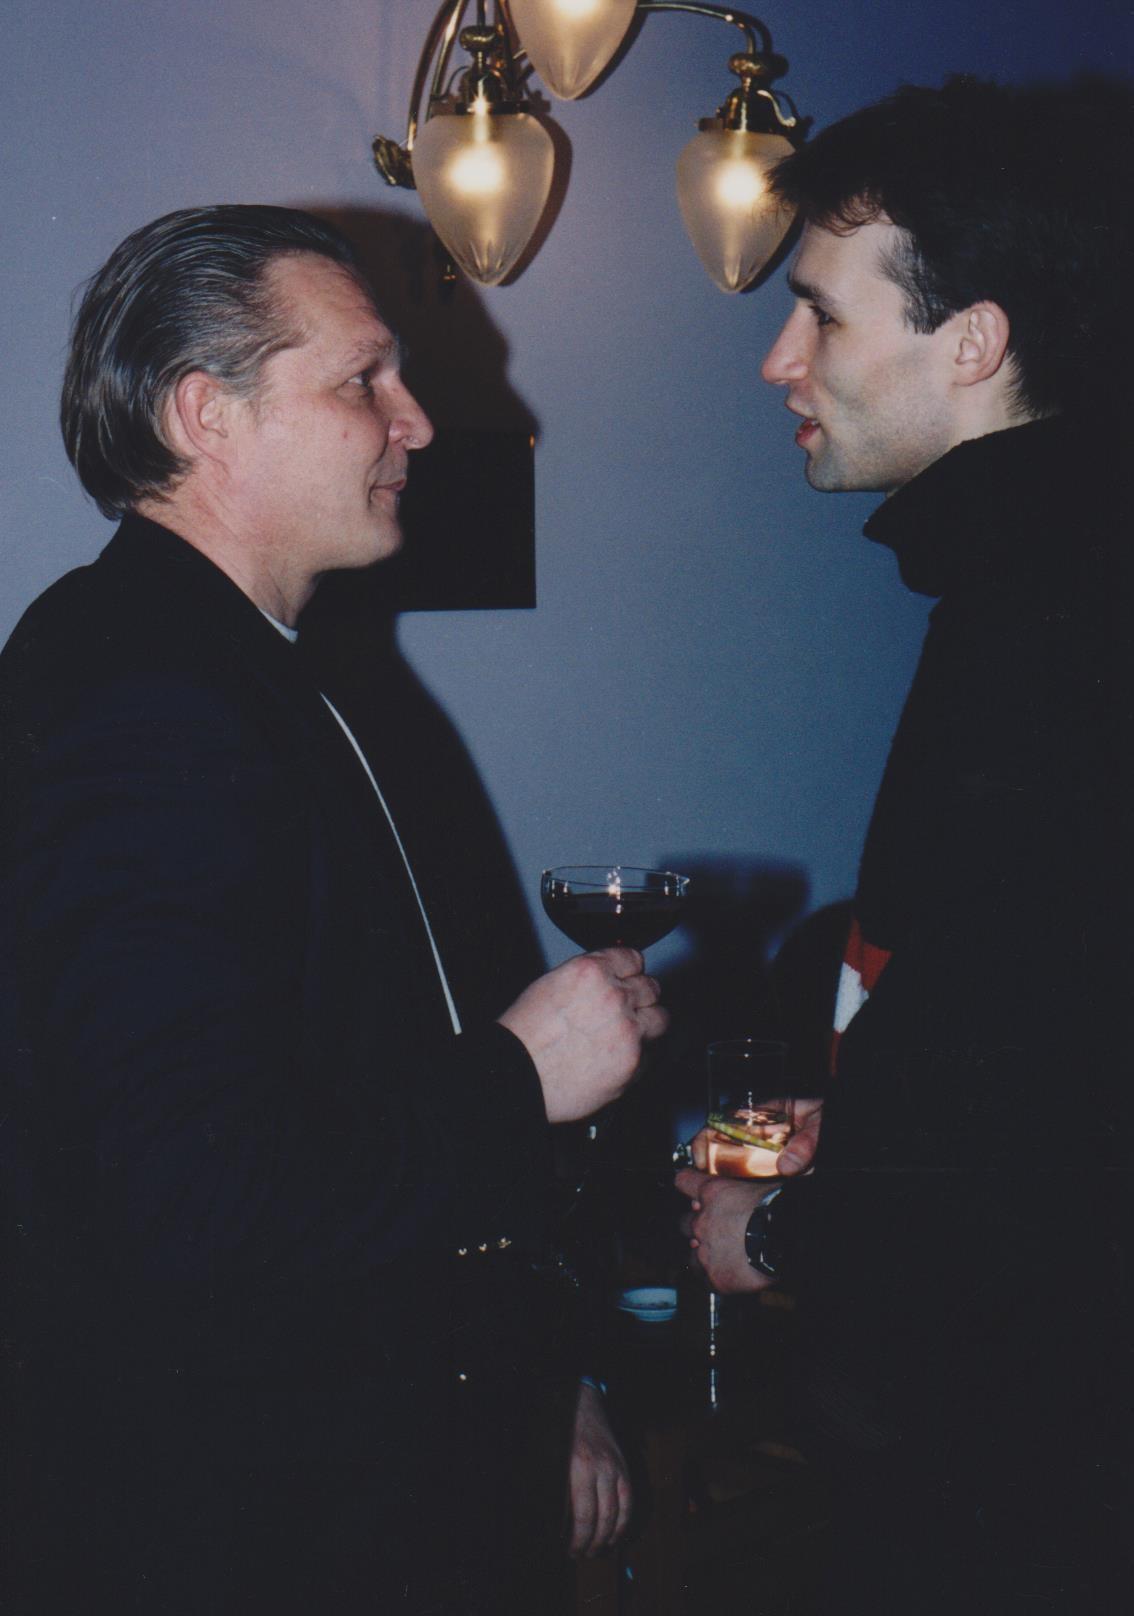 Минкевич Анатолий Адамович и Васильев Дмитрий Андреевич на фуршете в ресторане Националь 2000